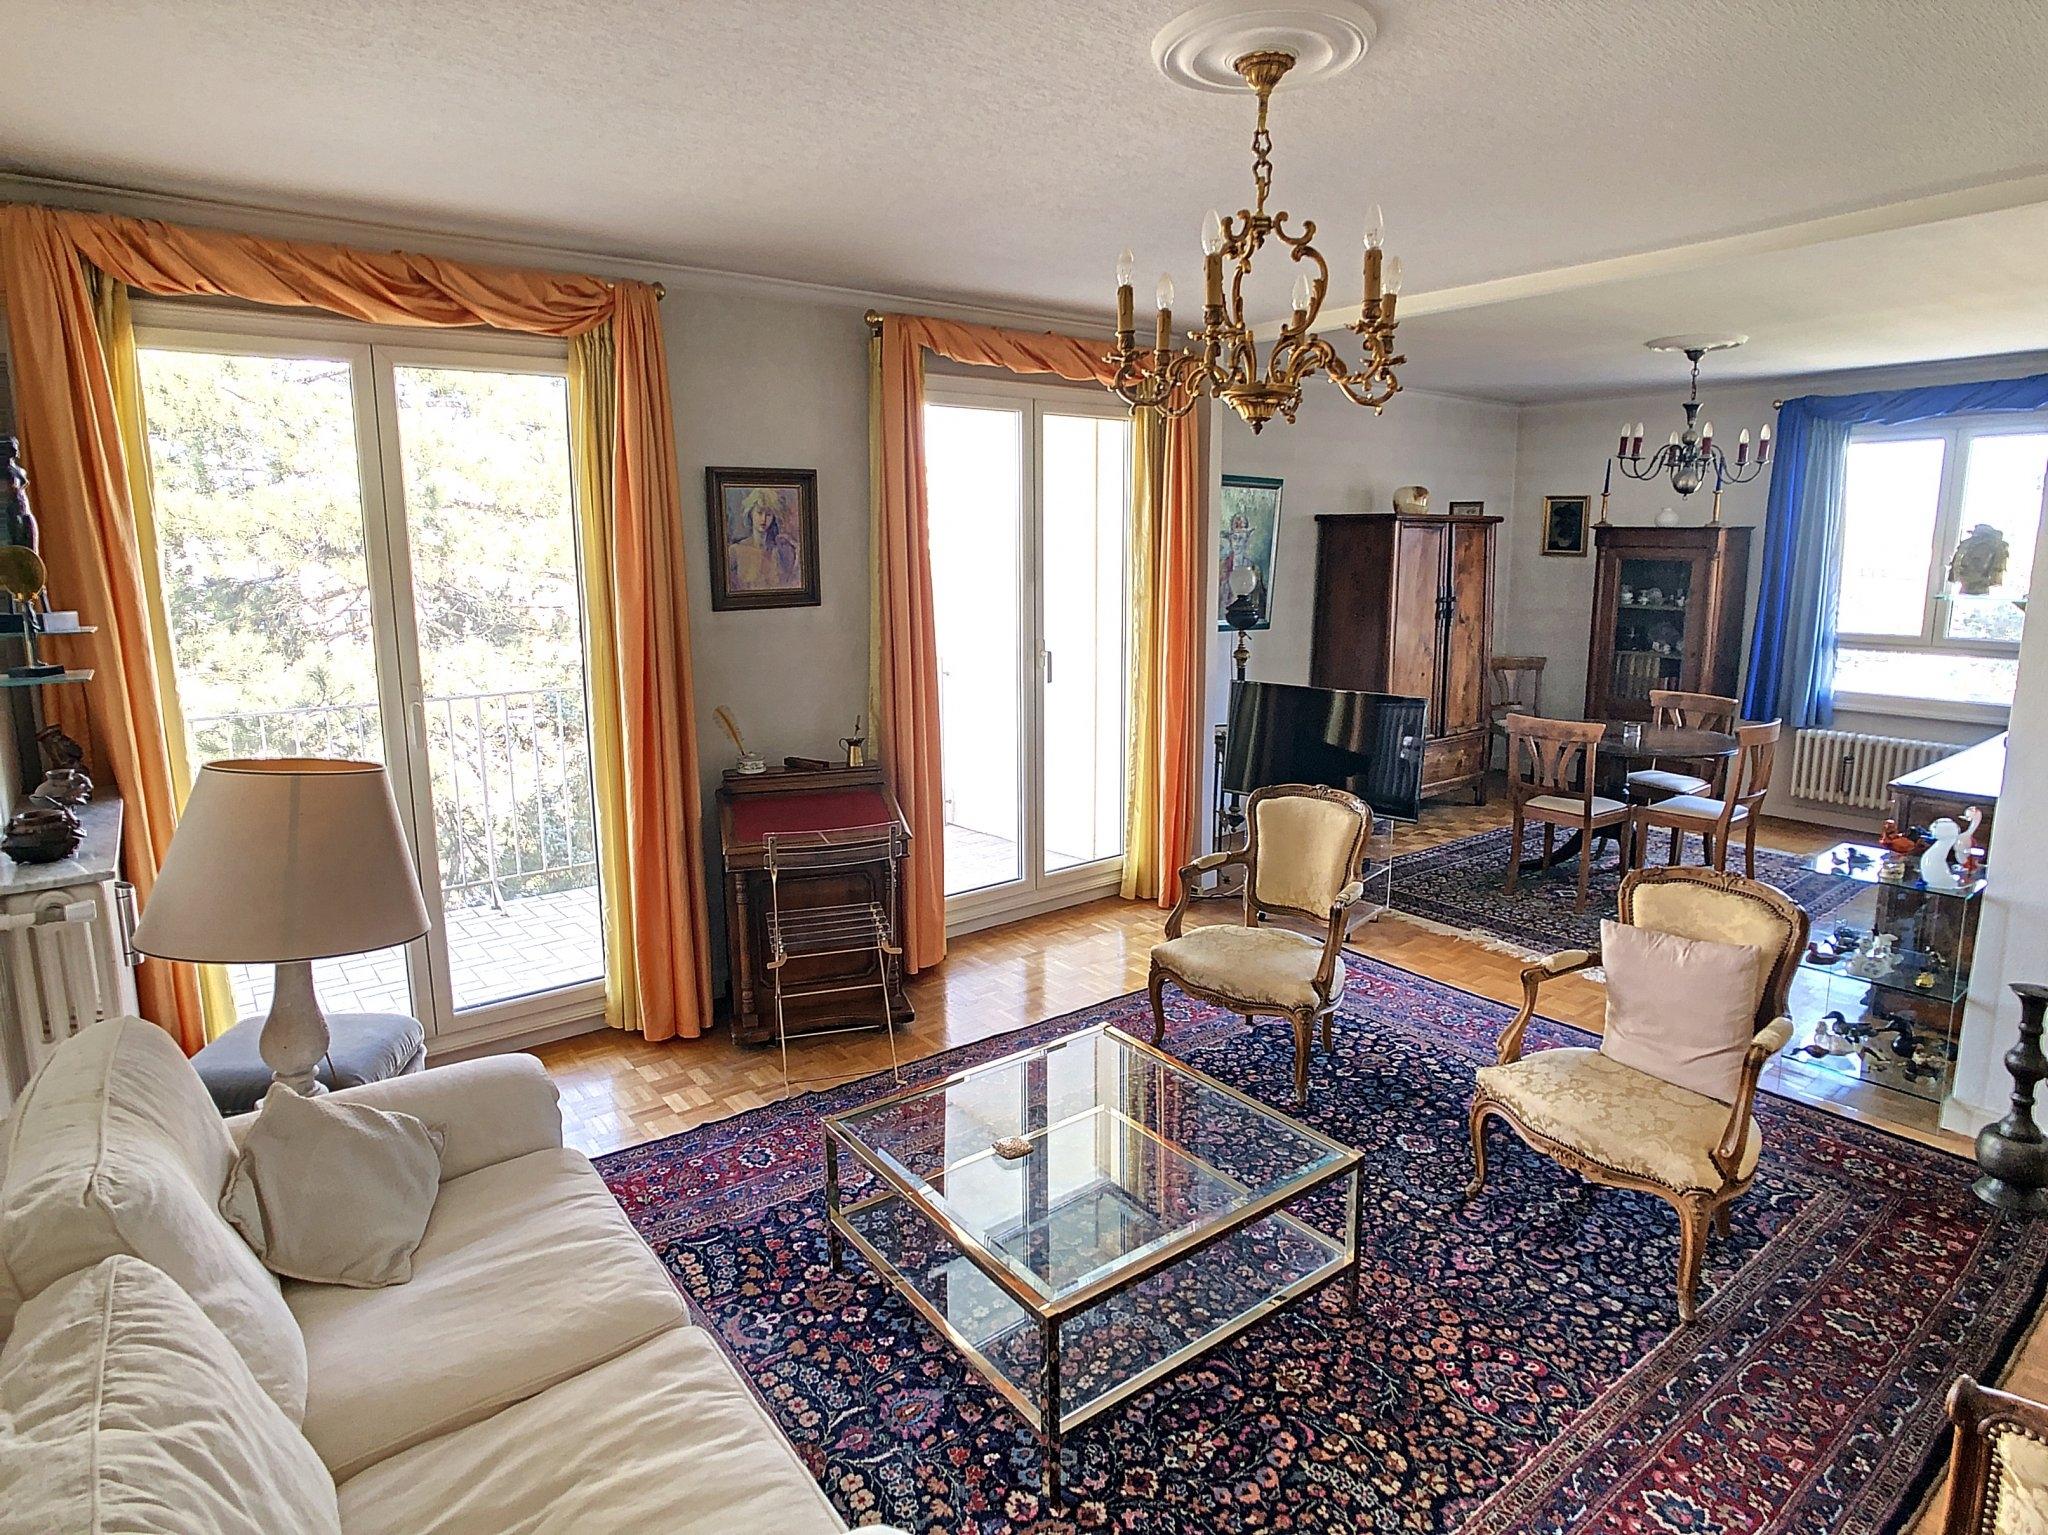 Appartement Reims 4 Pièces 91.56 m2 - 1